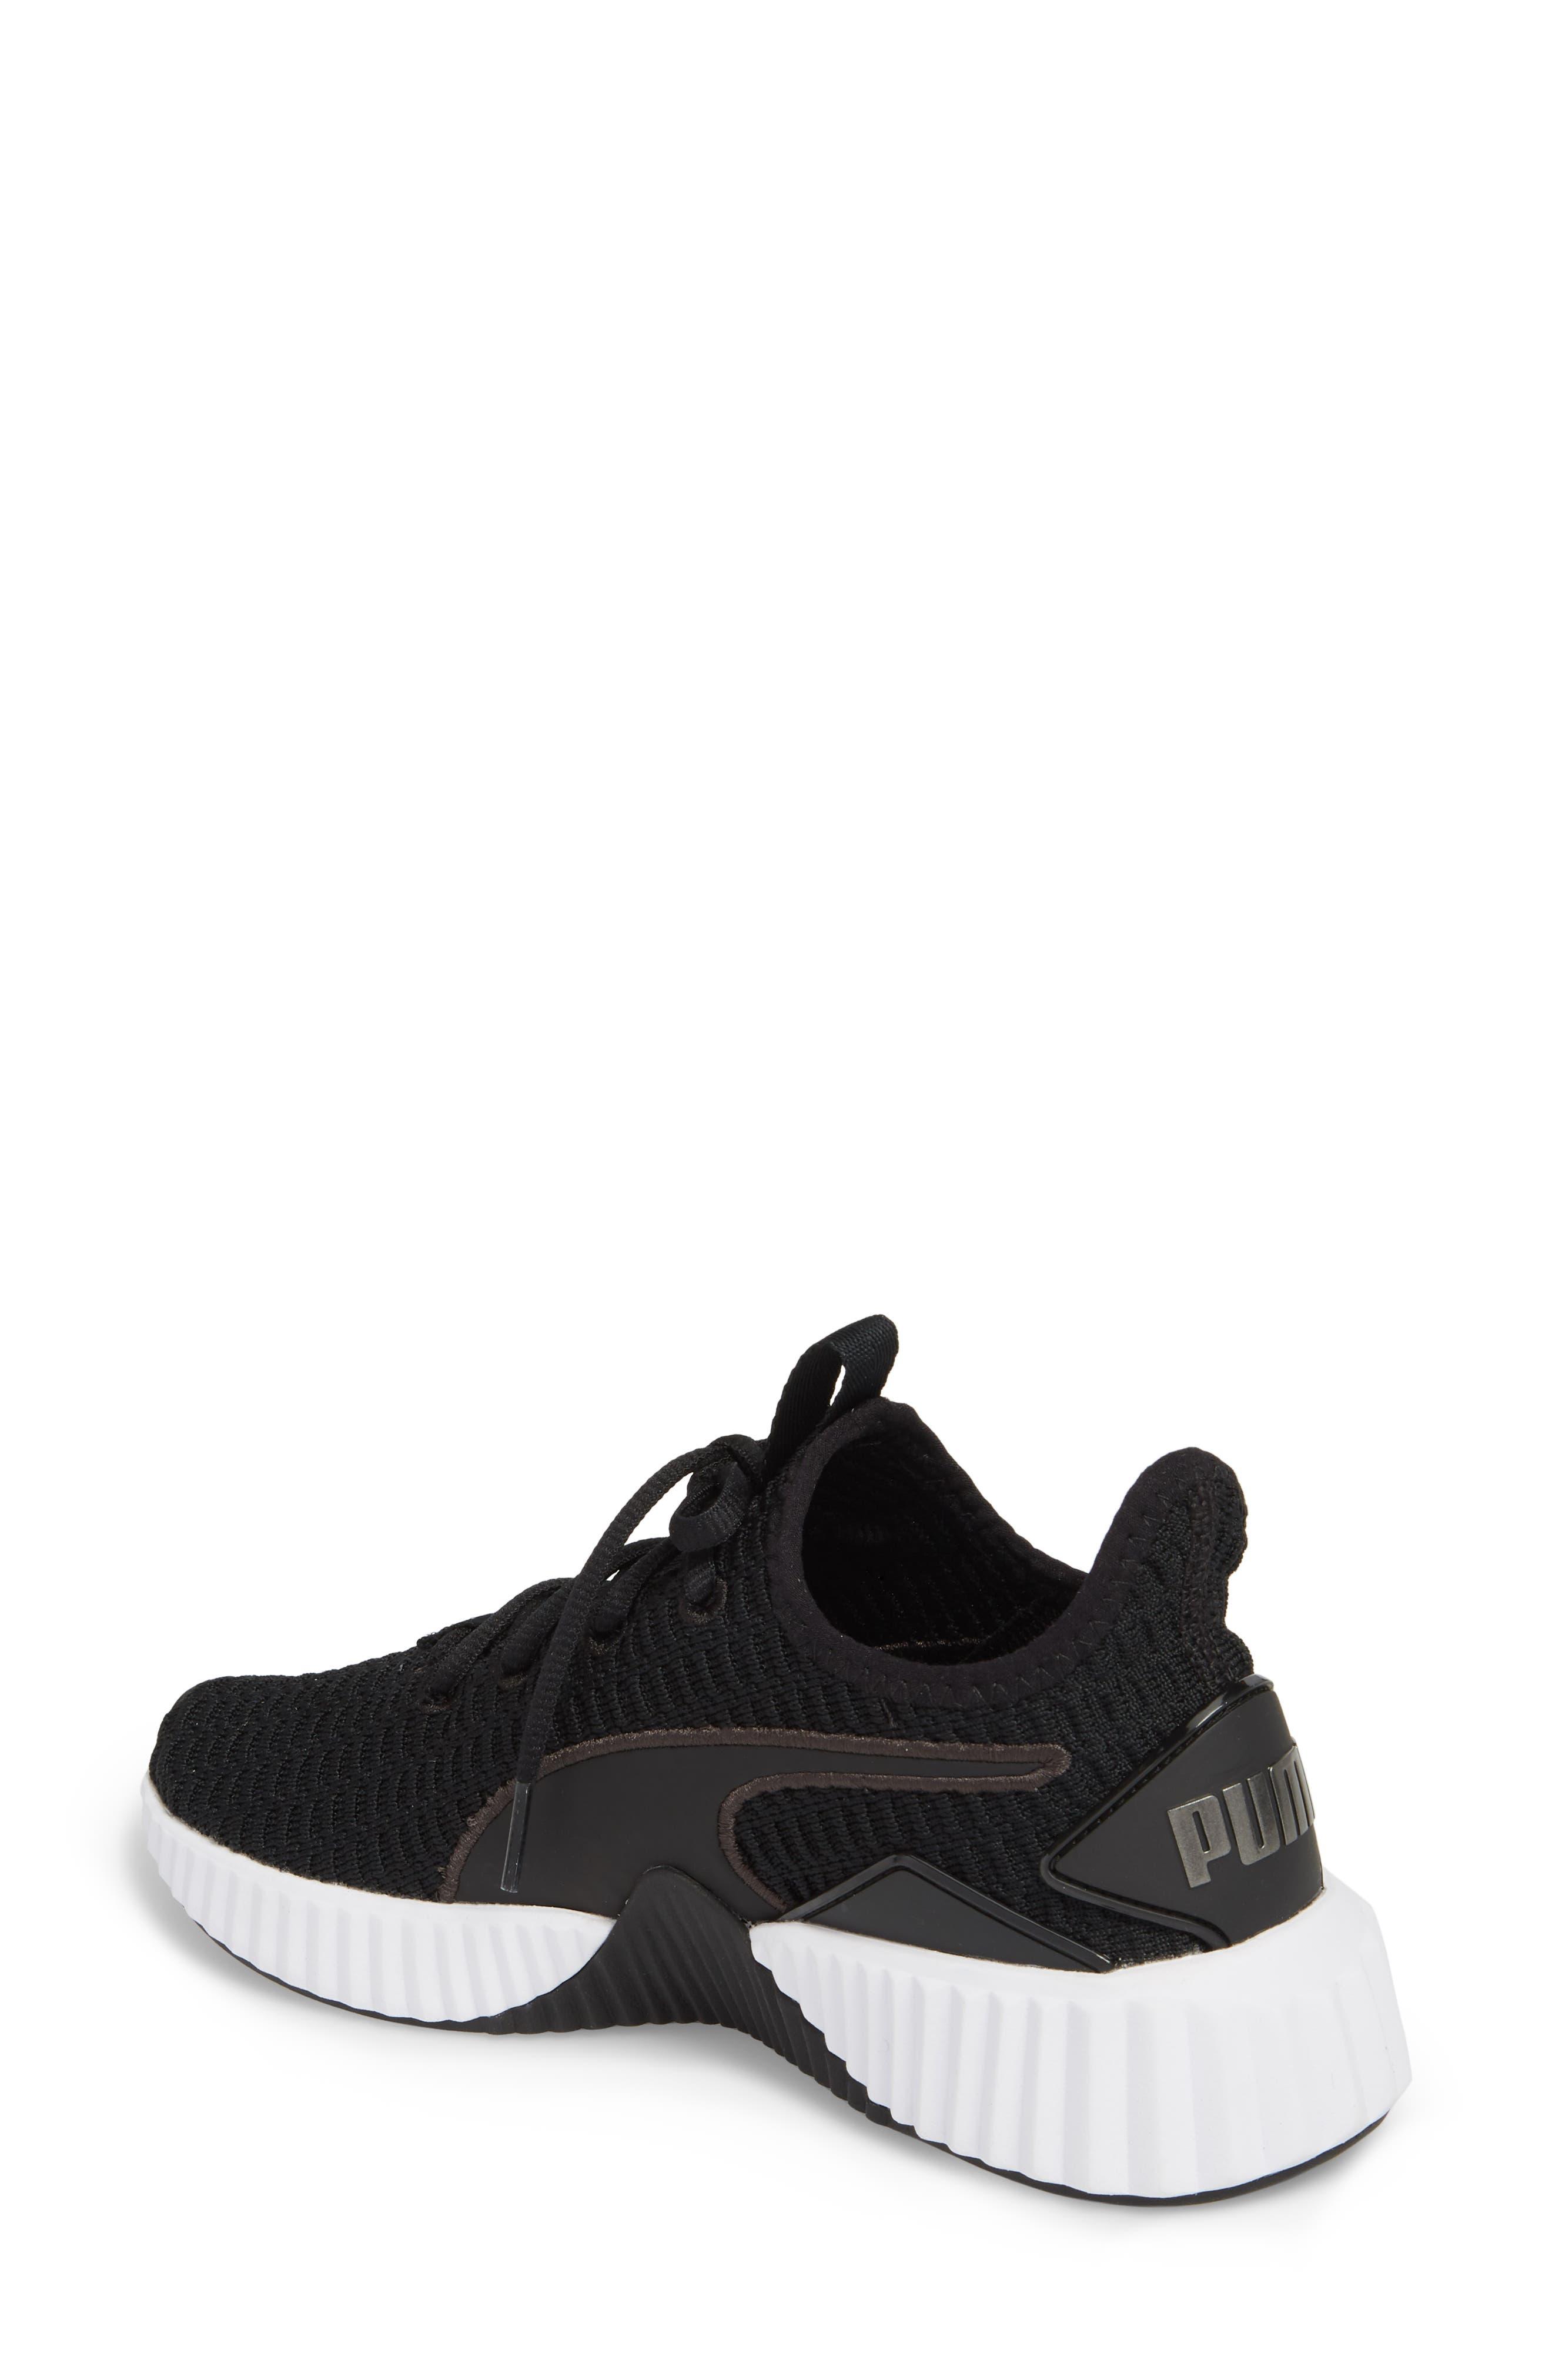 Defy Sneaker,                             Alternate thumbnail 2, color,                             001